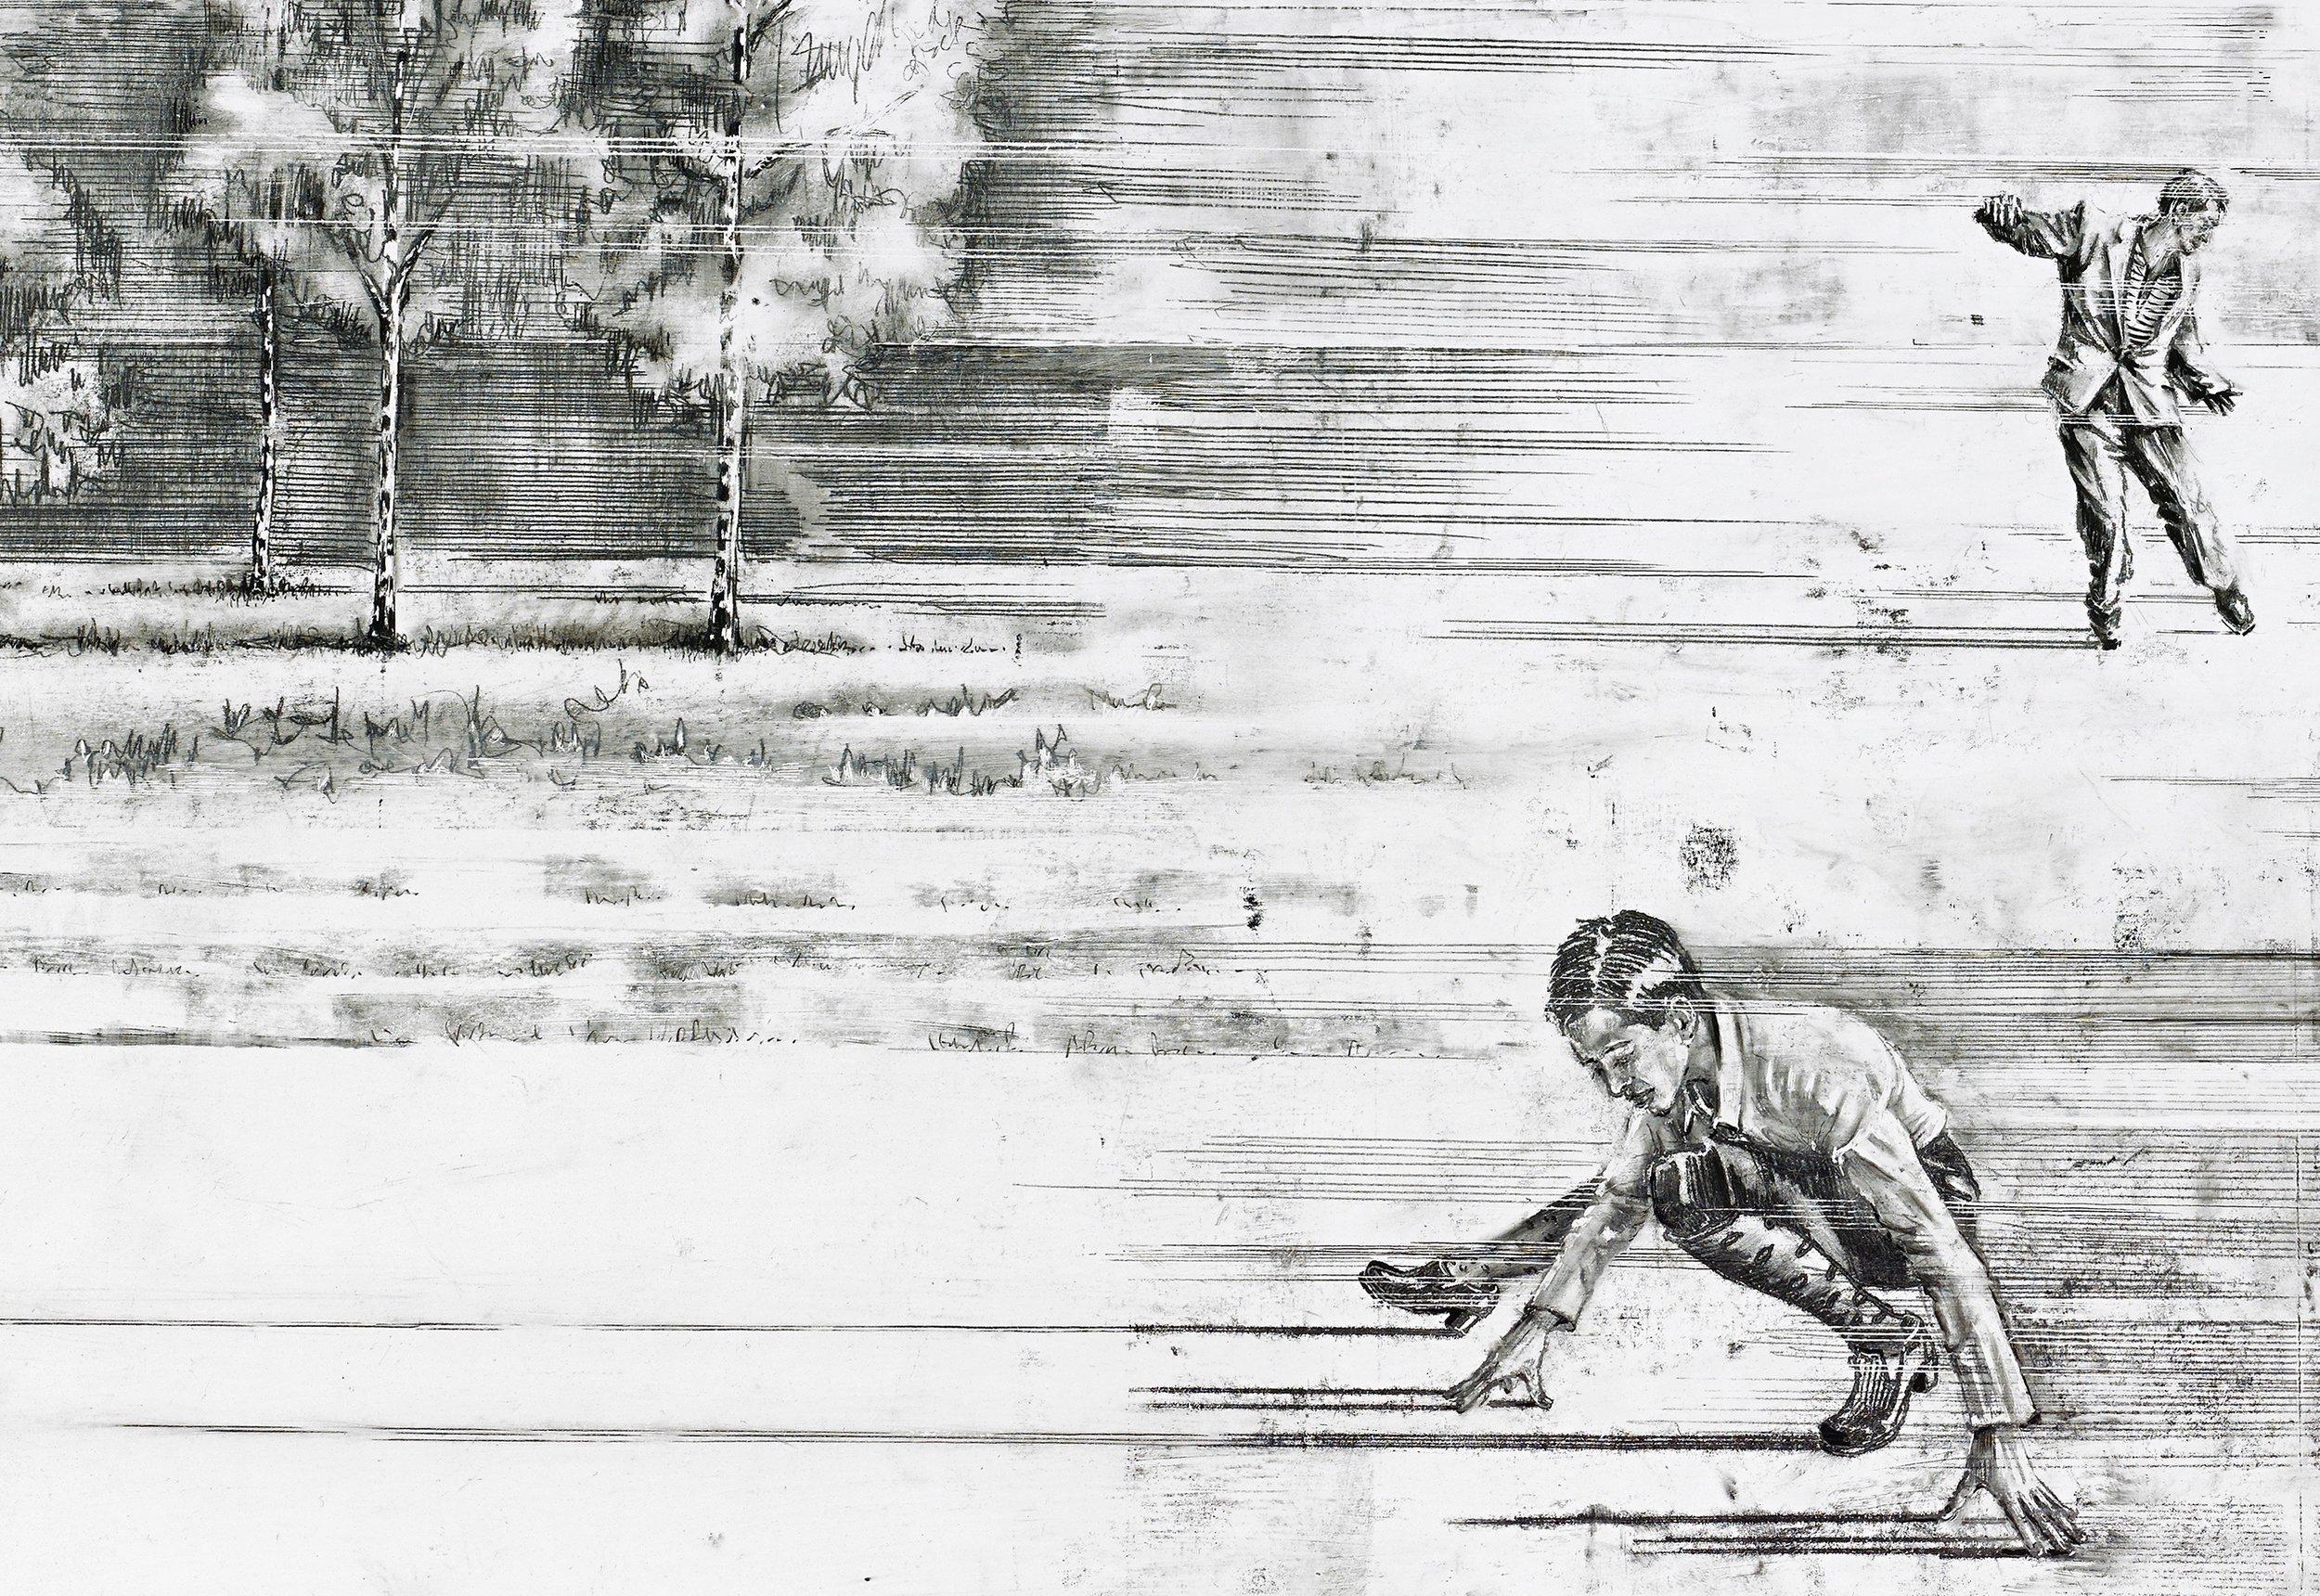 einen originalen Tierschatten zwischen den Füssen durchscheissen sehen wollen, – warten, warten, warten wanting to see an original animal shadow shoot beneath one's feet– waiting, waiting, waiting